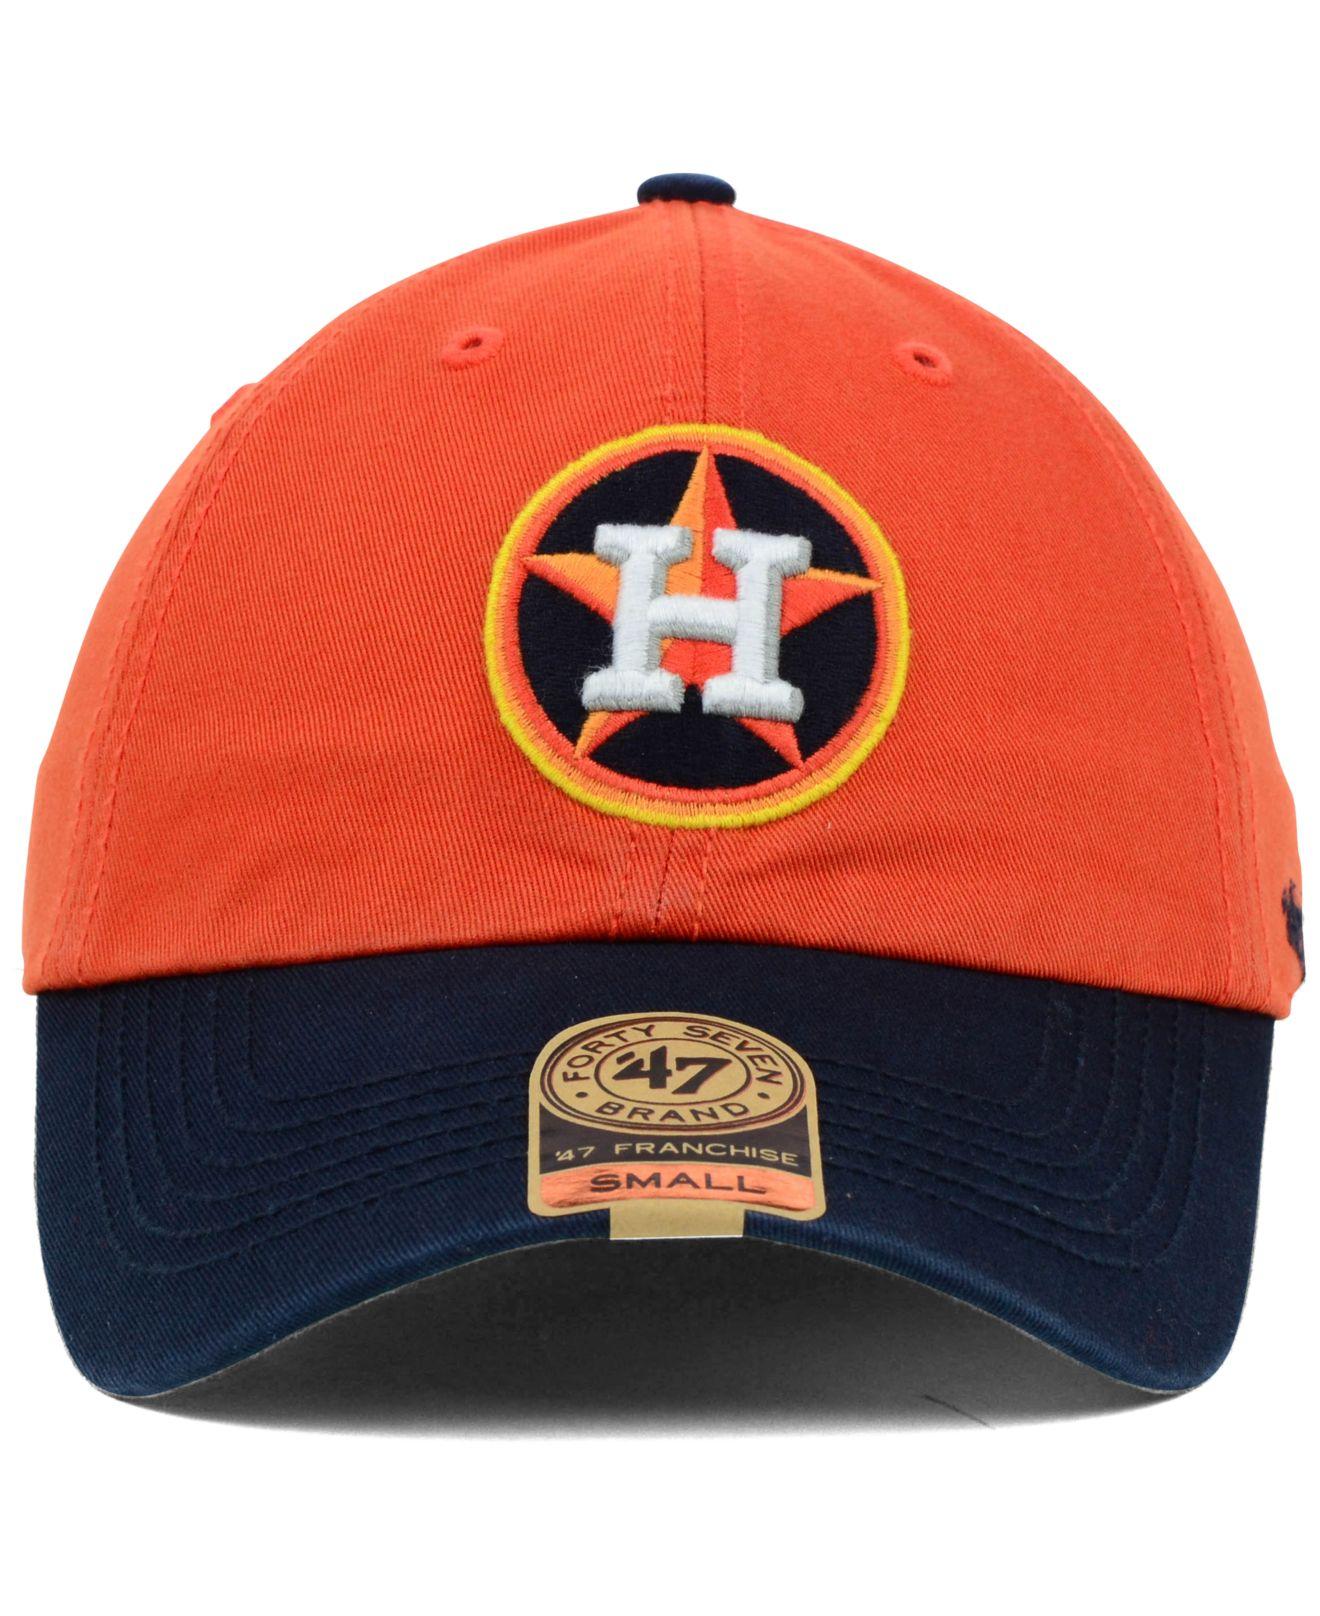 1847f0d4468e2 47 Brand Houston Astros Bp Franchise Cap in Orange - Lyst